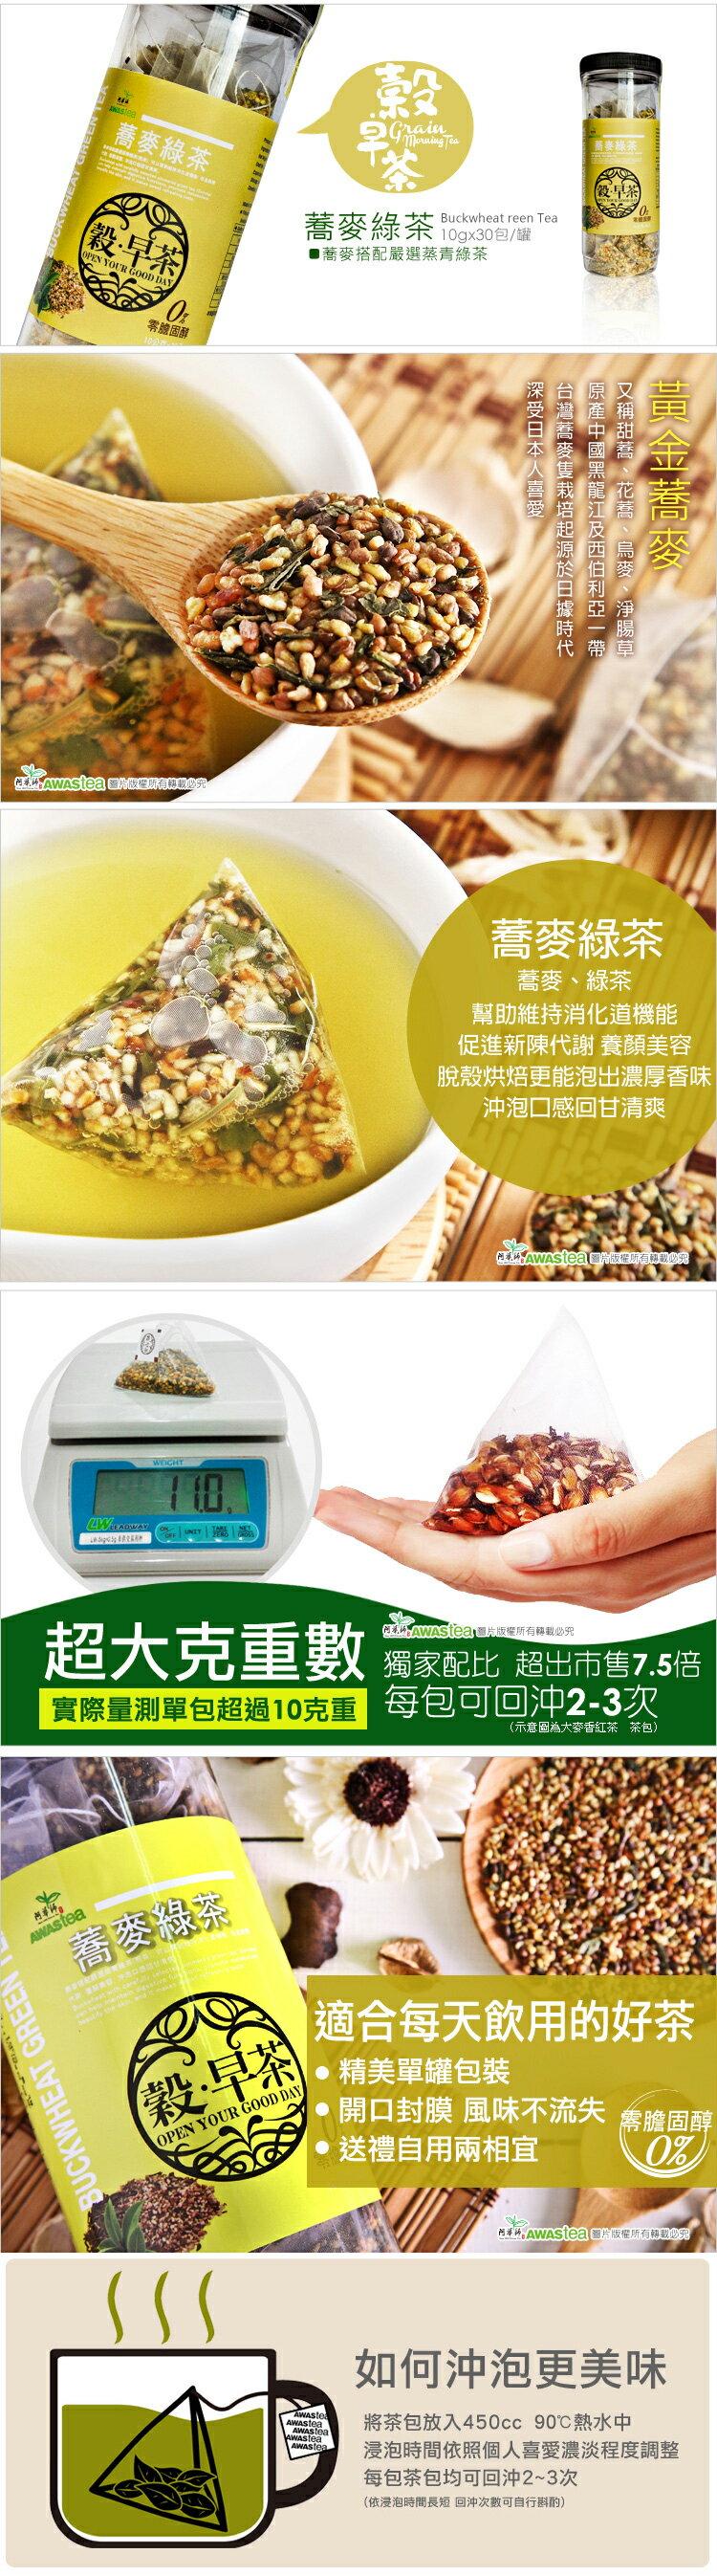 『121婦嬰用品館』阿華師 蕎麥綠茶(10gx30入/罐) 穀早茶 1